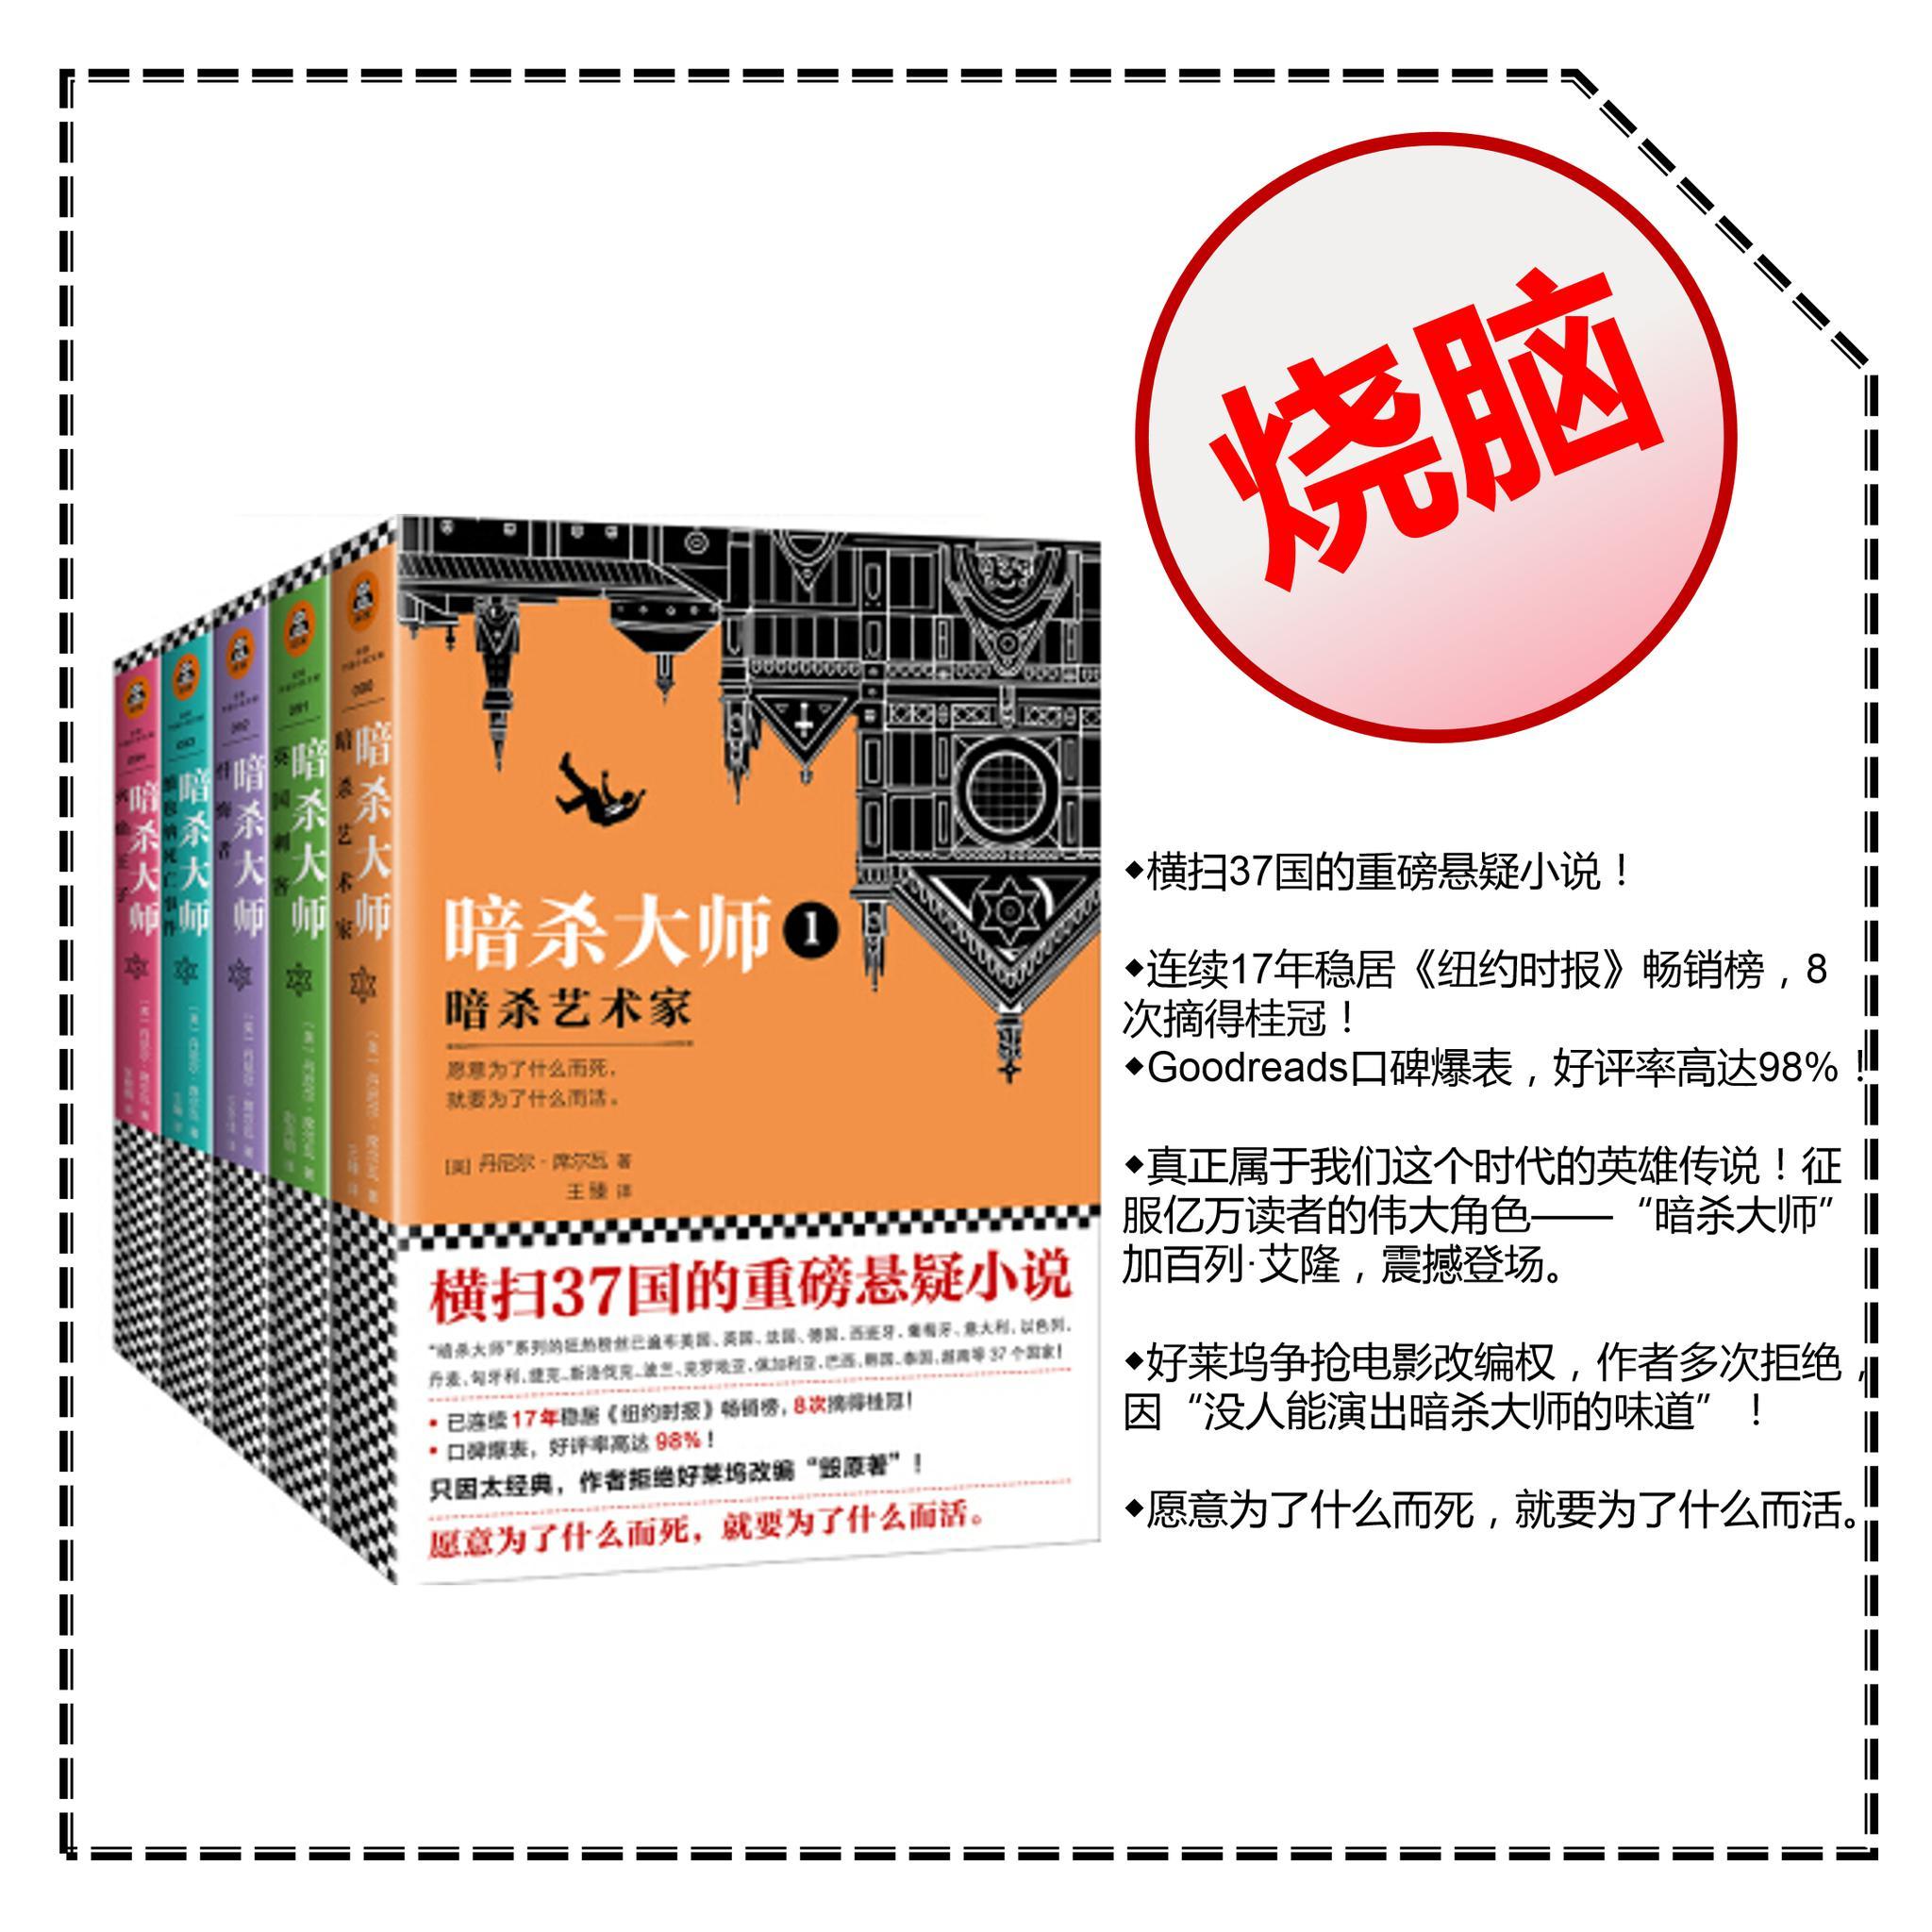 朋友们改编自@周浩晖 高智商犯罪小说《暗黑者》的同名网剧第三季都大